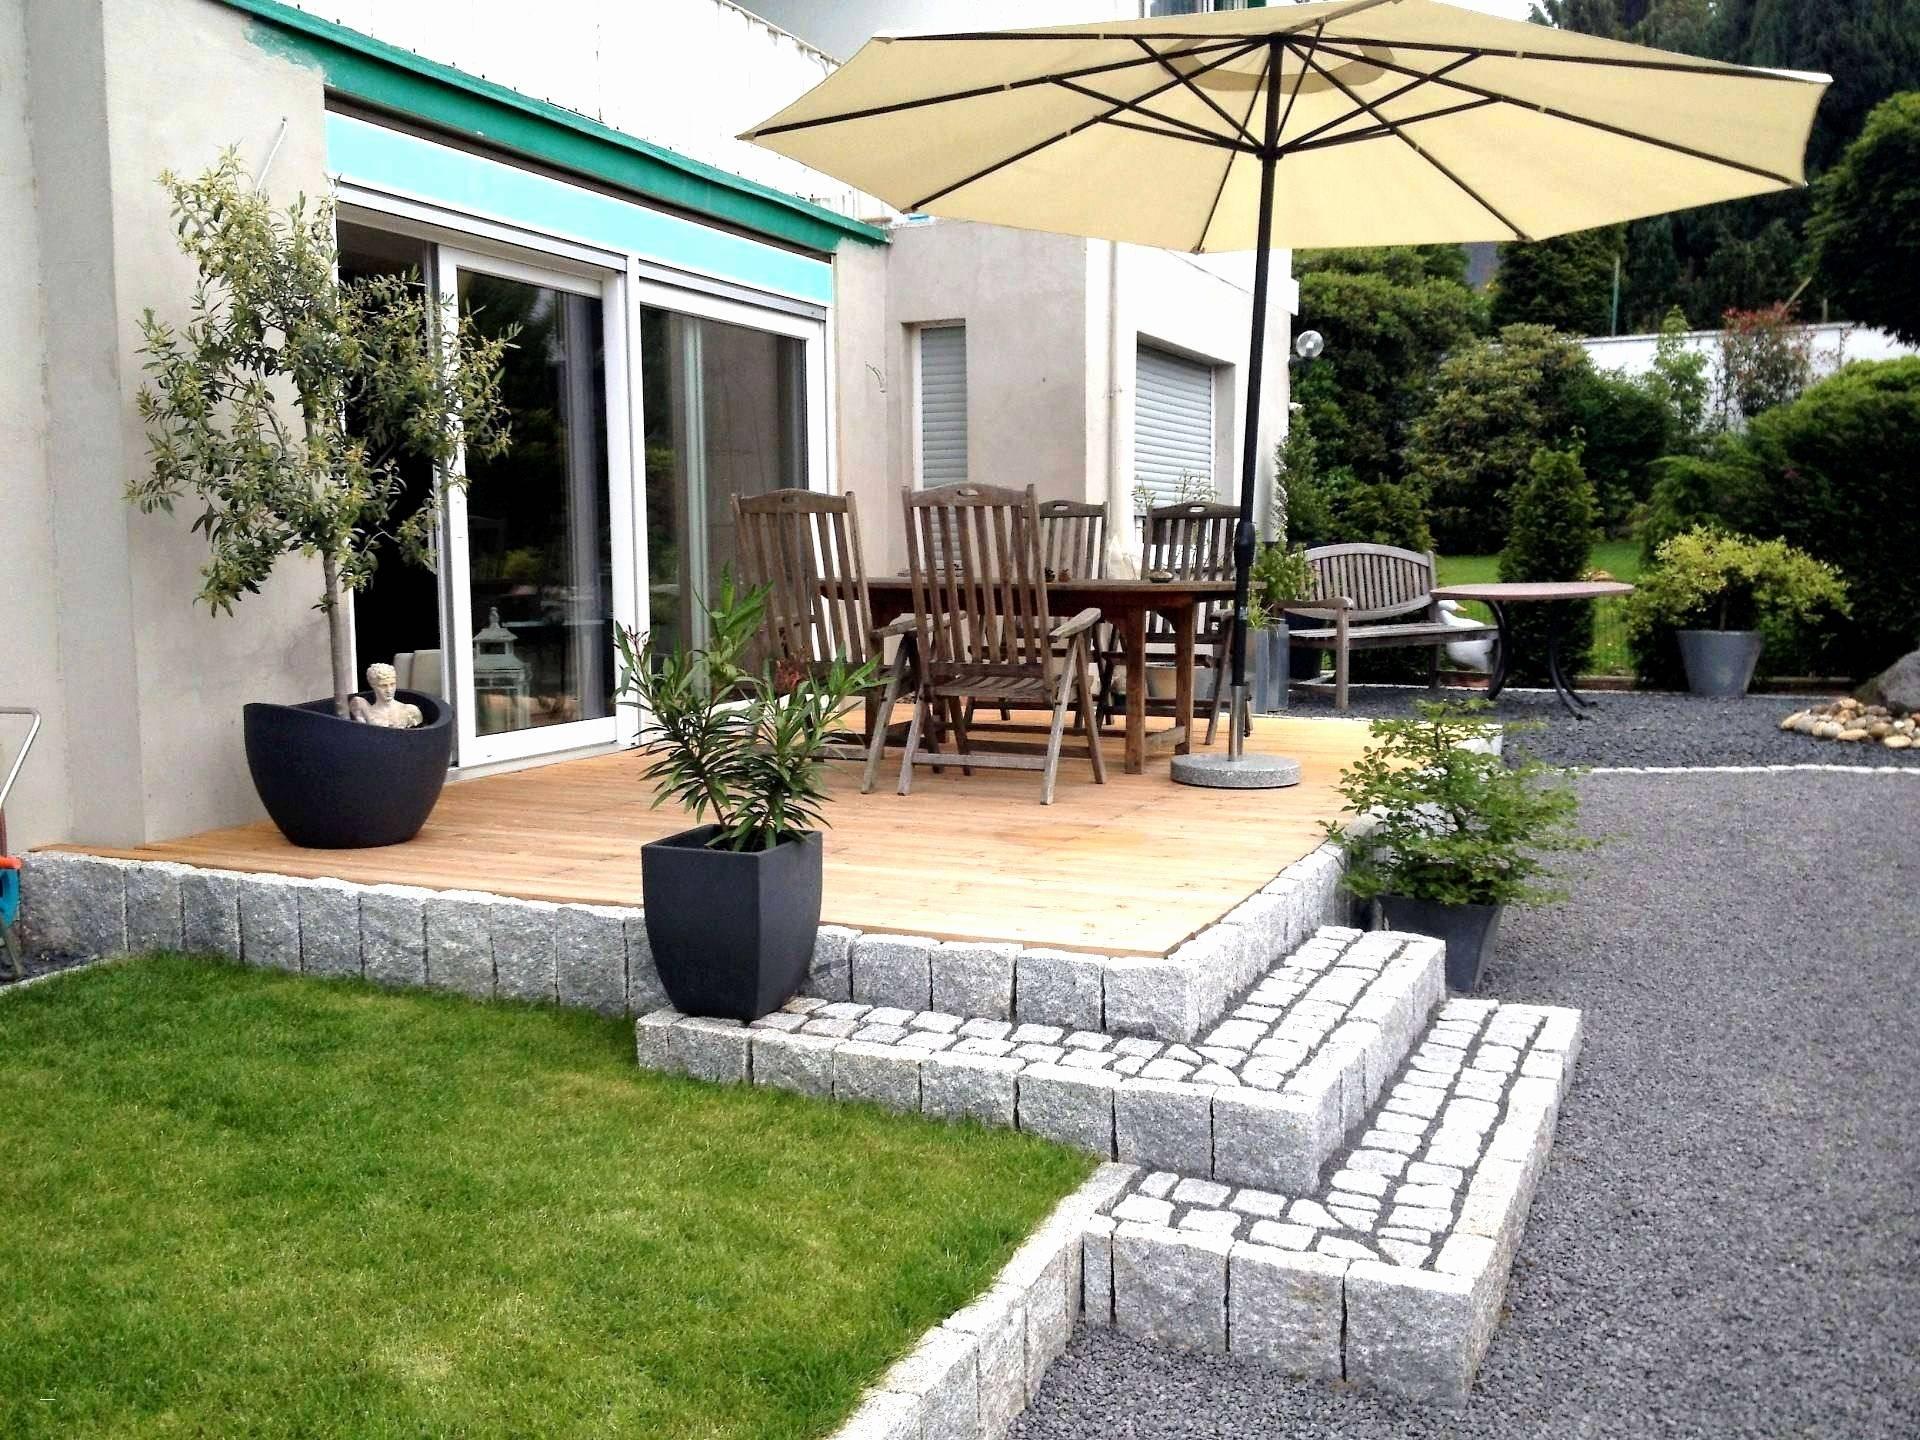 wohnzimmer deko landhaus frisch landhaus deko ideen das beste von wohnzimmer im landhausstil of wohnzimmer deko landhaus